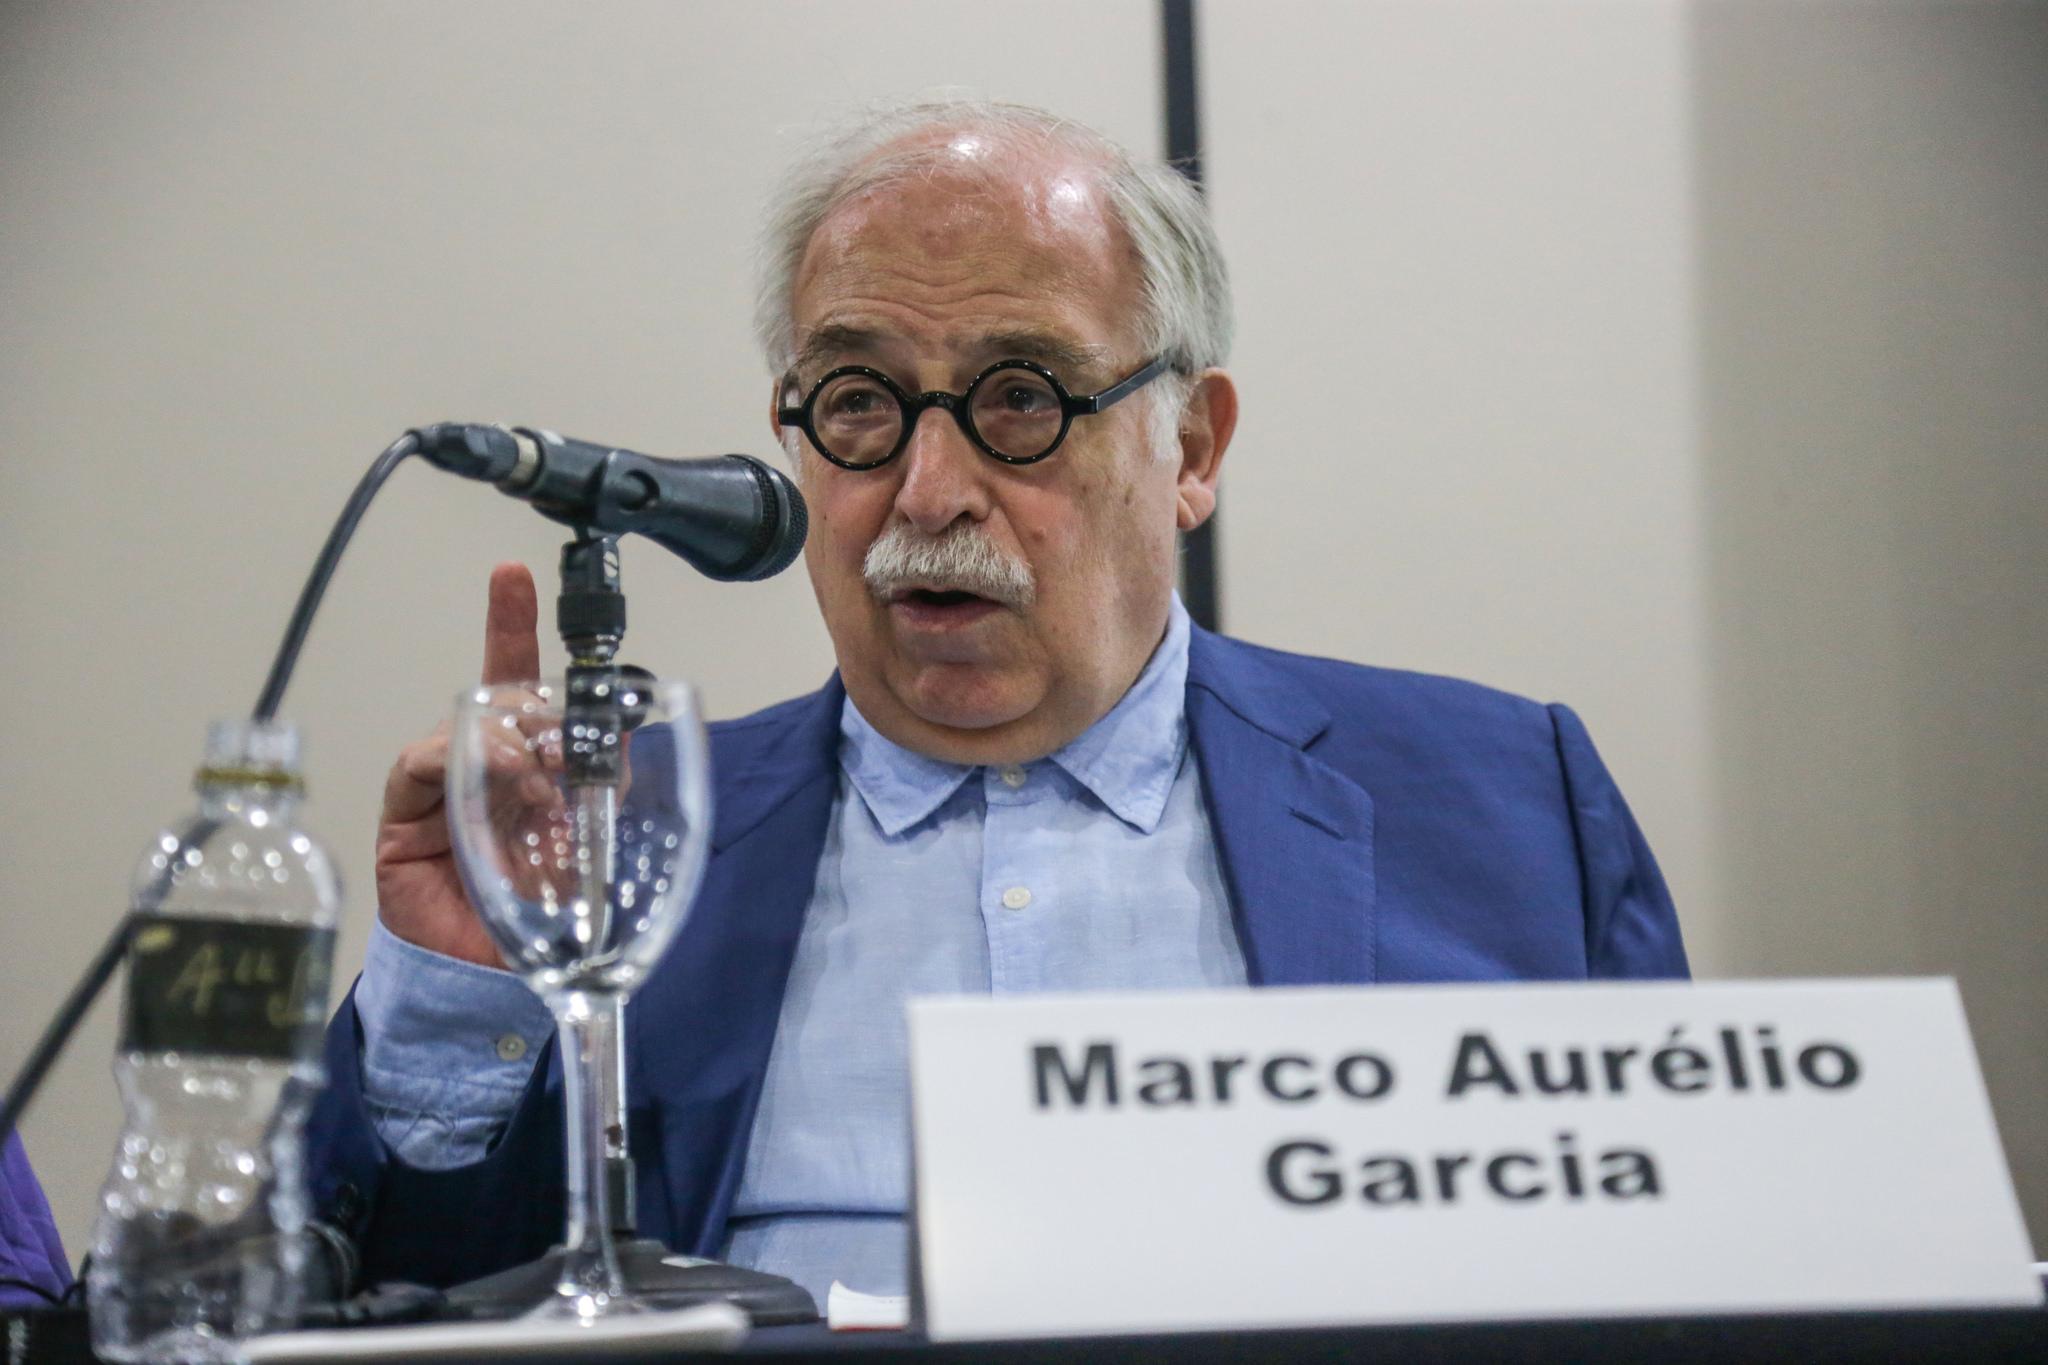 Muere Marco Aurelio García, ex asesor presidencial de Brasil. Archivo EFE